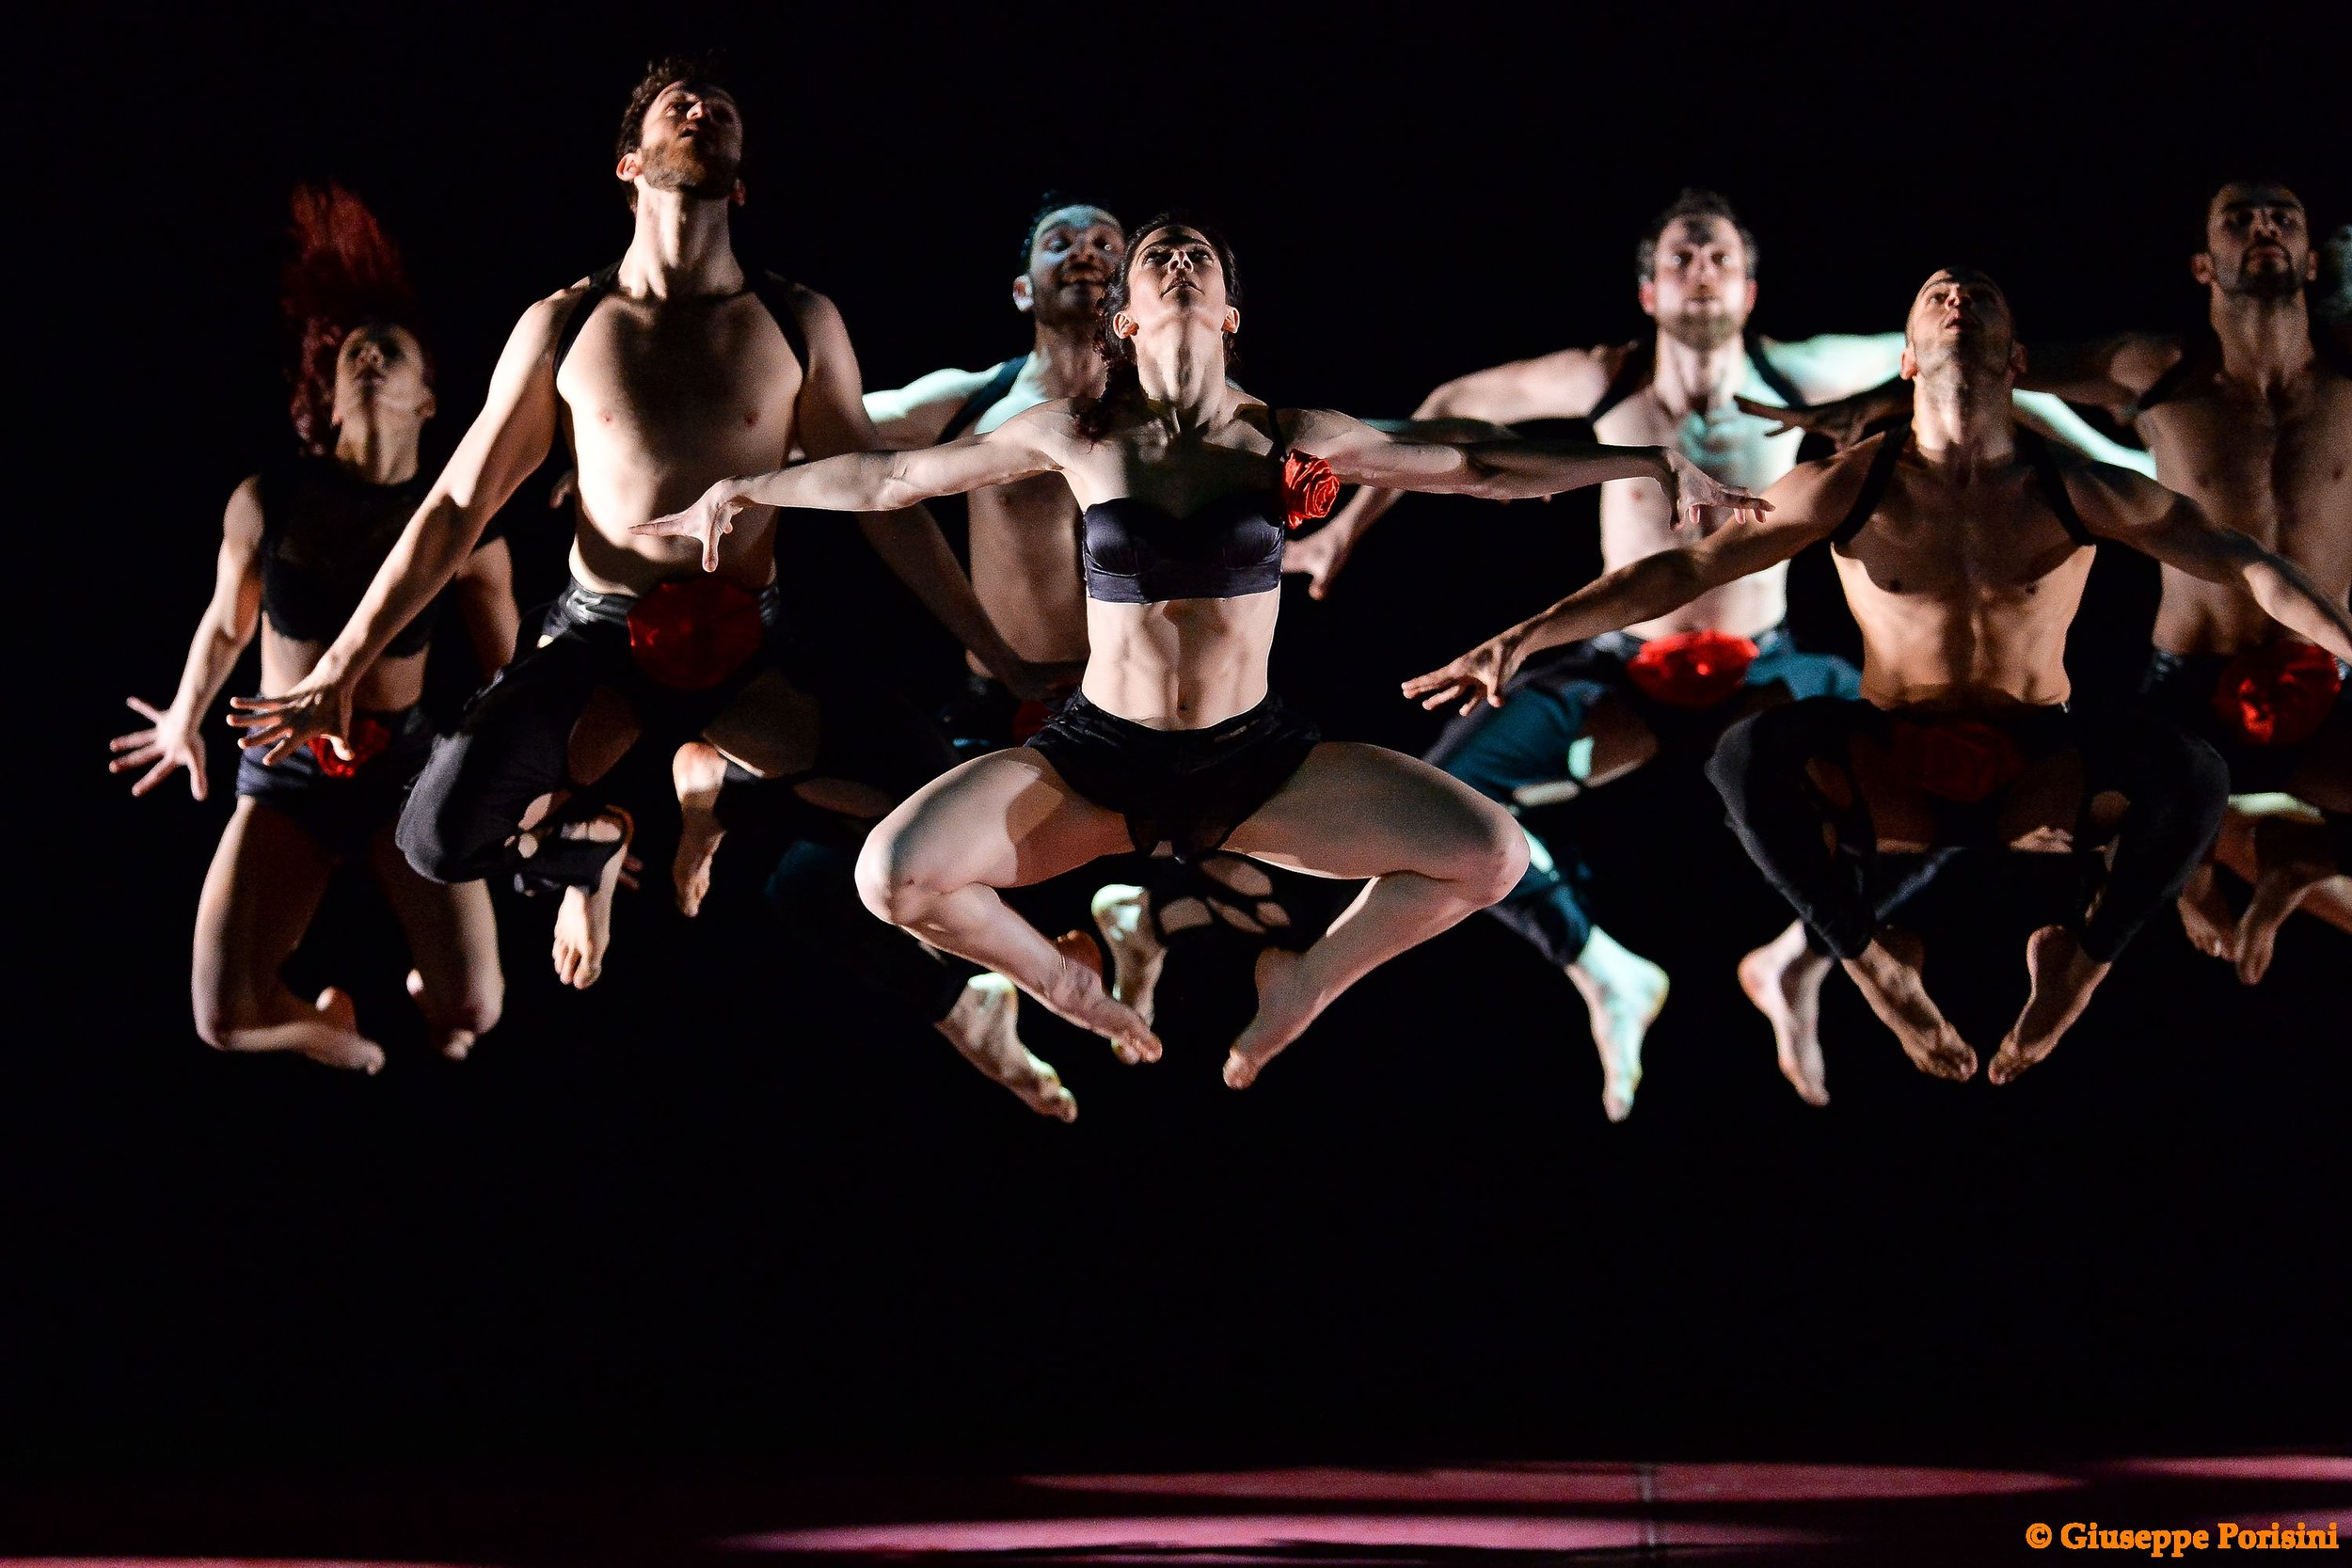 Il festival internazionale del balletto è alla 26^edizione. Il programma degli appuntamenti